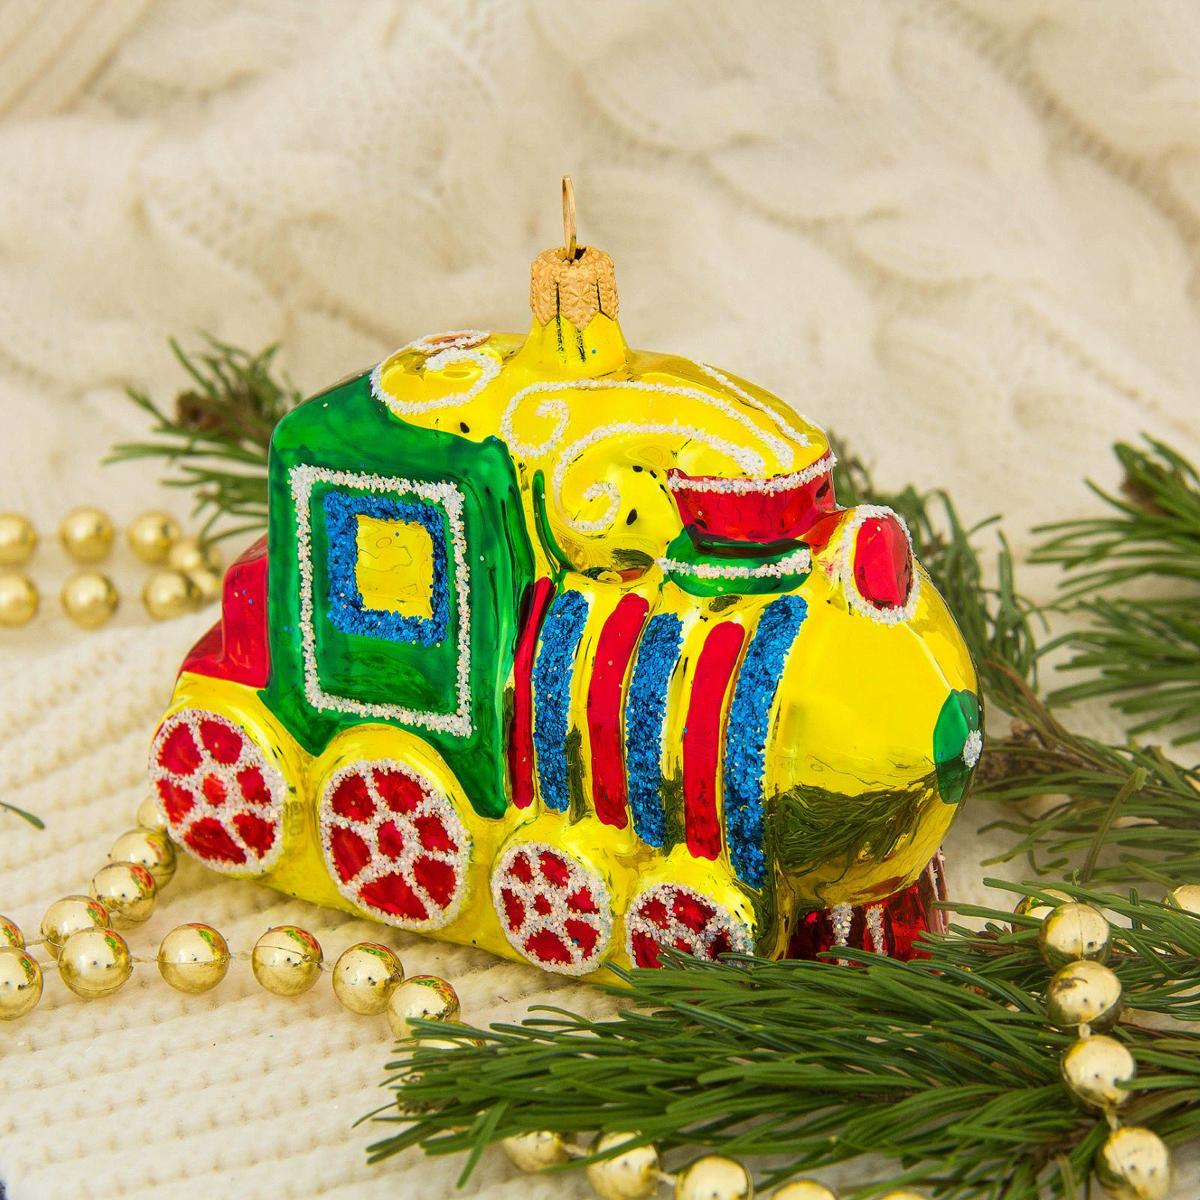 Новогоднее подвесное украшение Ёлочка Паравозик, 5 х 13 х 14 см2564819Новогоднее подвесное украшение Ёлочка отлично подойдет для декорации вашего дома и новогодней ели. Новогоднее украшение можно повесить в любом понравившемся вам месте. Но, конечно, удачнее всего оно будет смотреться на праздничной елке.Елочная игрушка - символ Нового года. Она несет в себе волшебство и красоту праздника. Такое украшение создаст в вашем доме атмосферу праздника, веселья и радости.